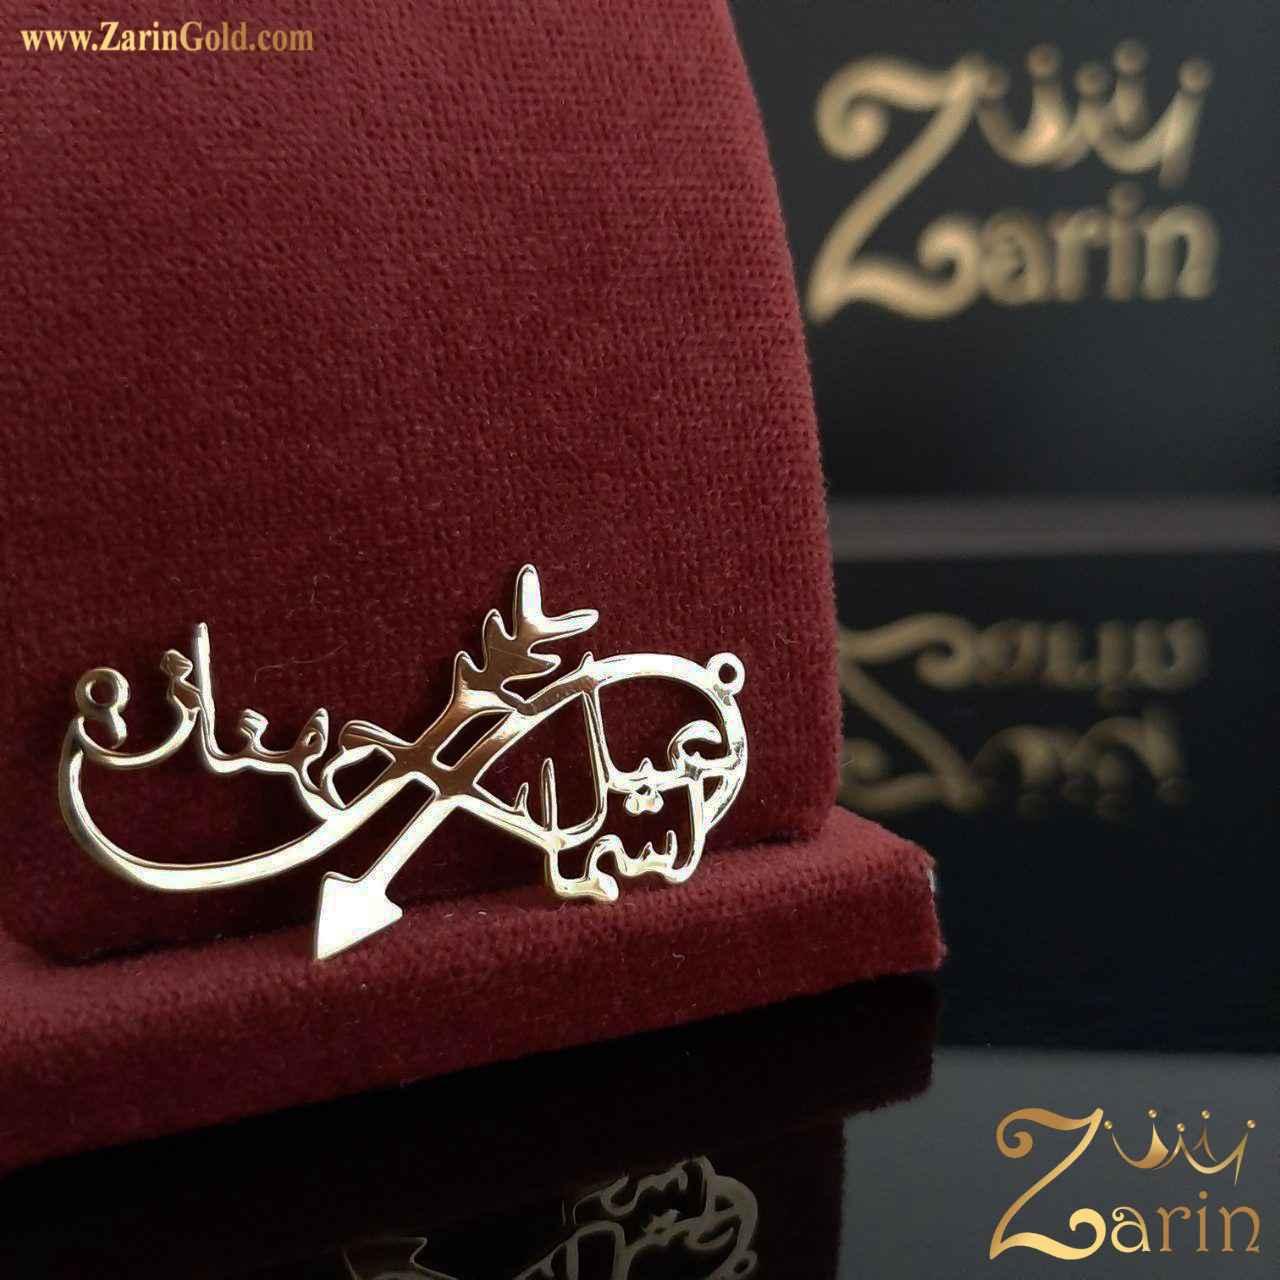 پلاک طلای دو اسم ترکیبی فارسی اسماعیل و مهناز با طرح بی نهایت